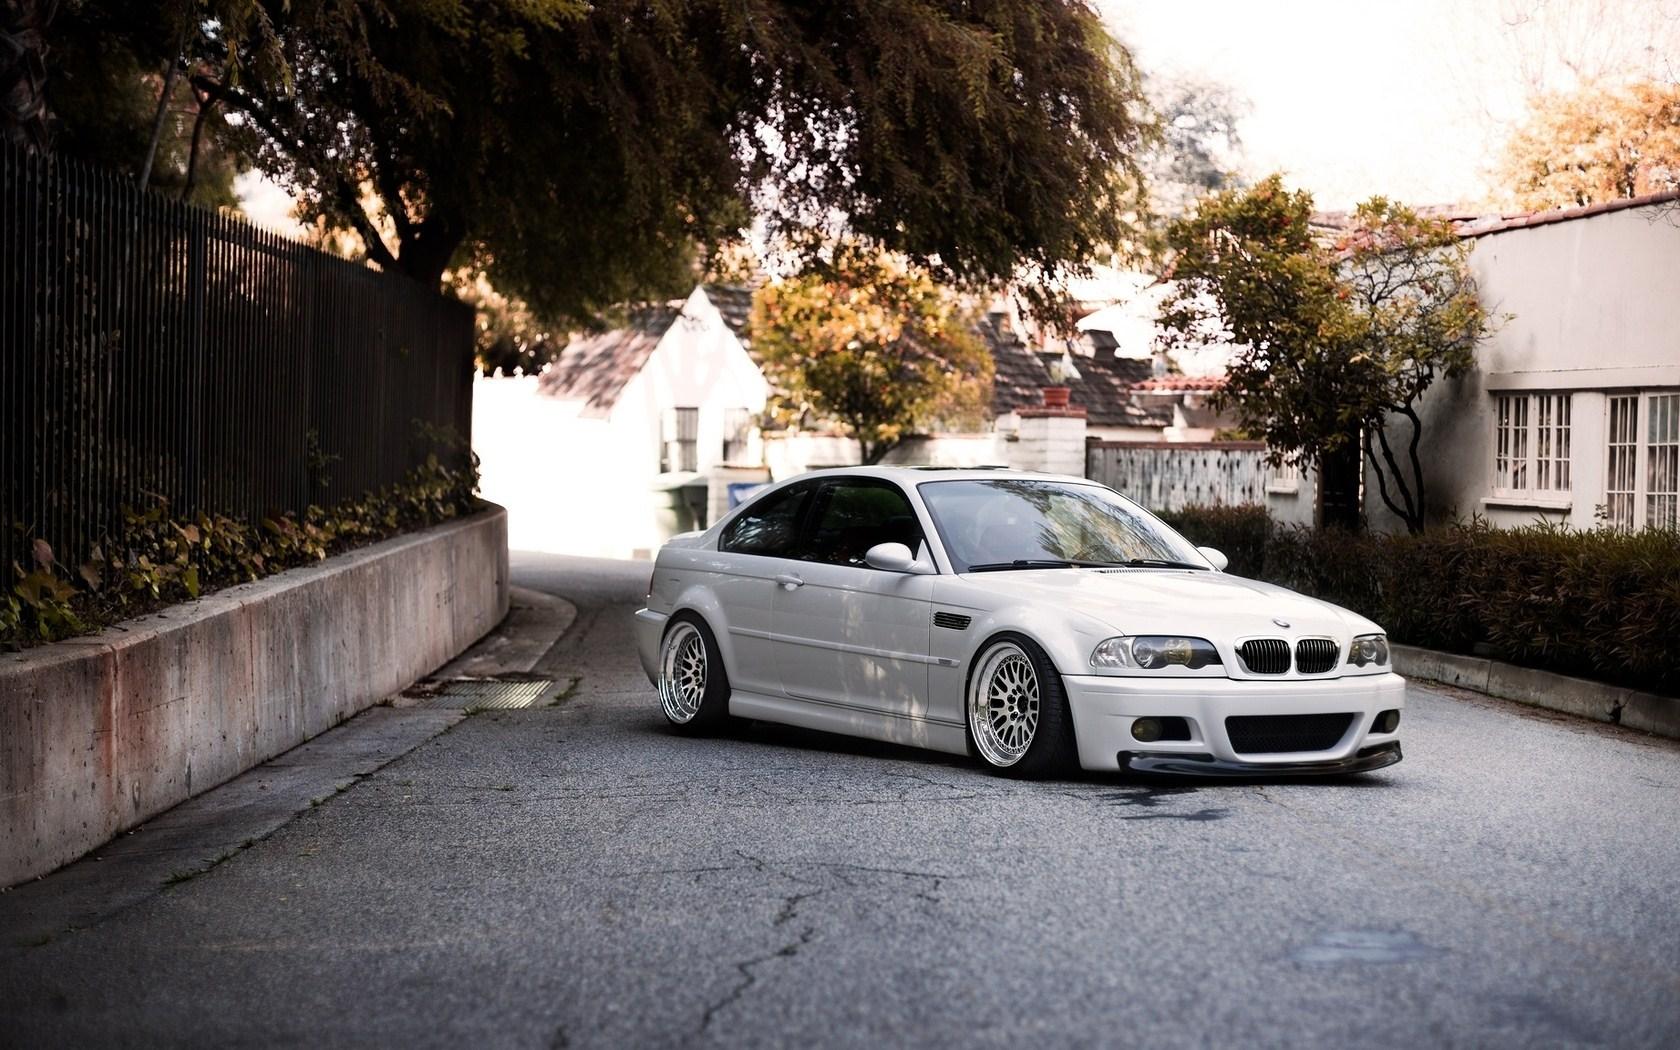 Bmw M3 E46 White Car Photo Wallpaper 1680x1050 16164